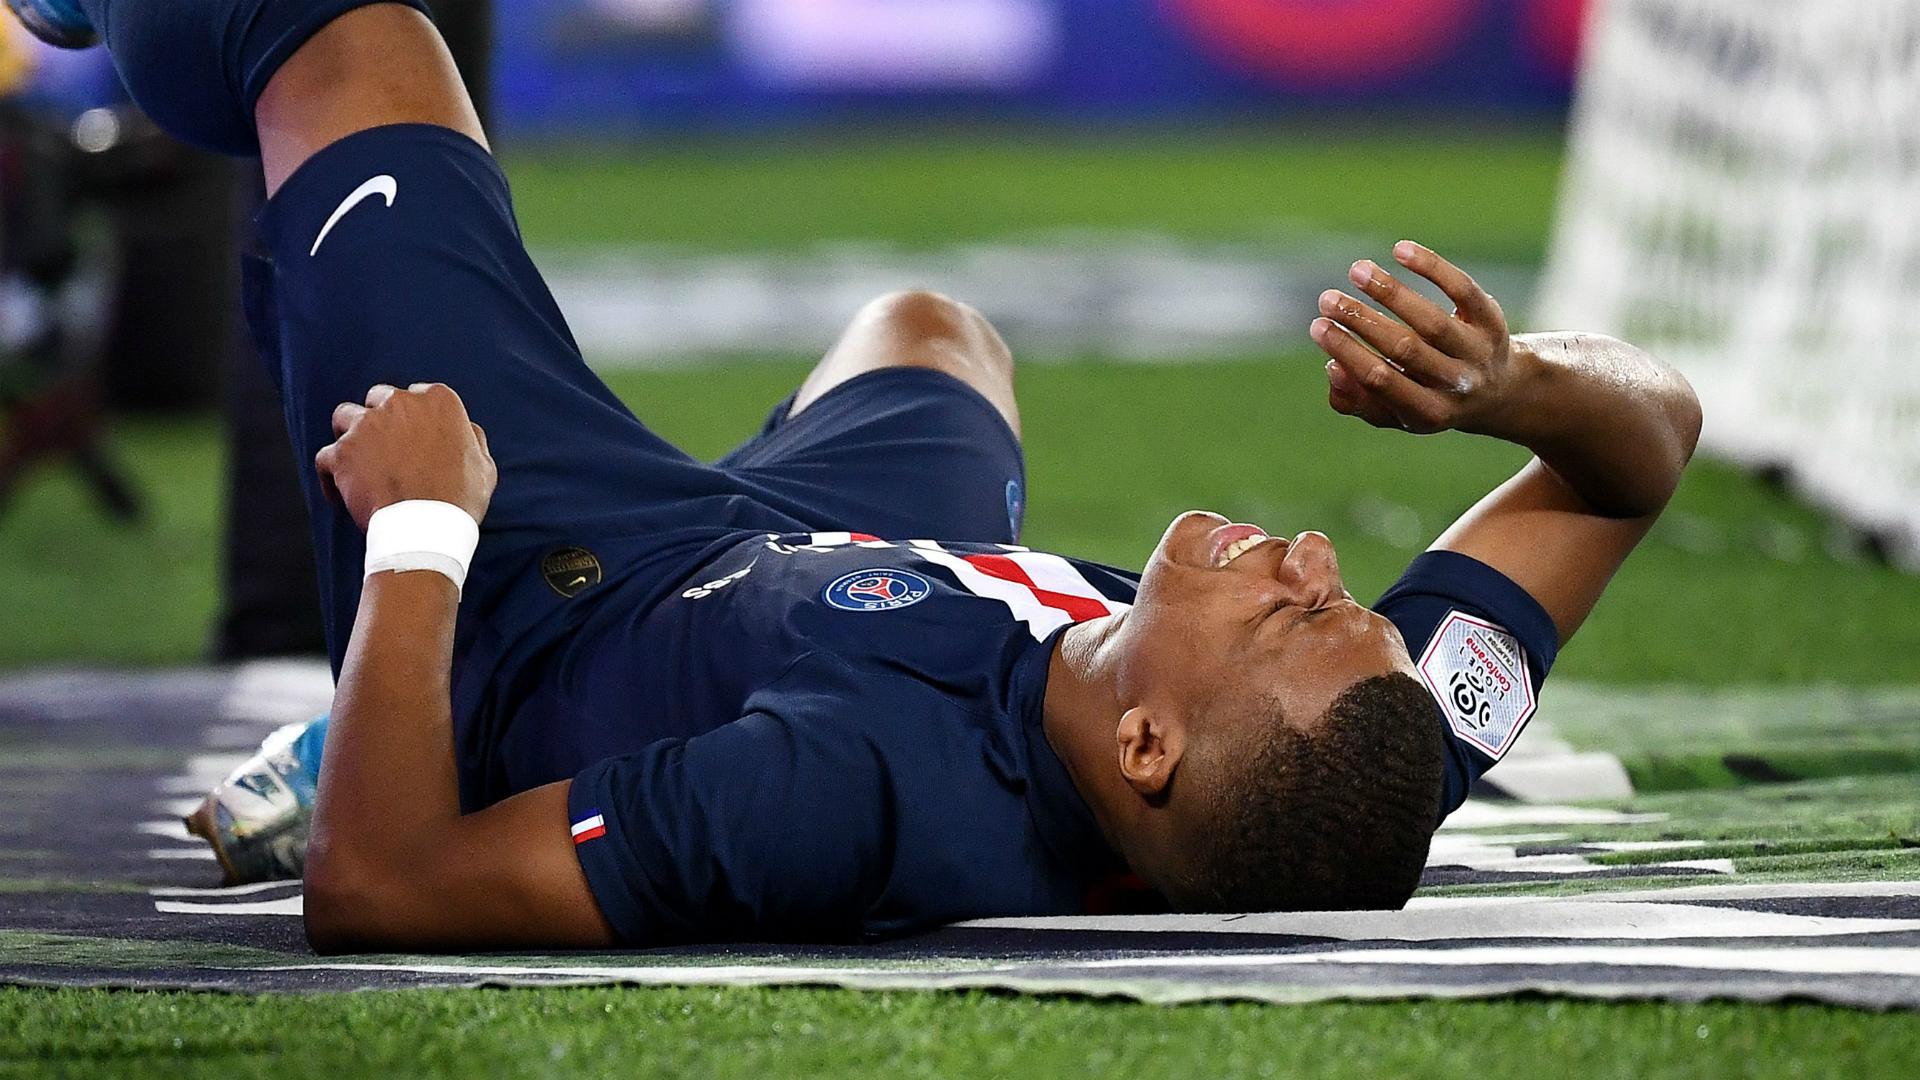 Paris Saint-Germain vs. Toulouse - Football Match Report